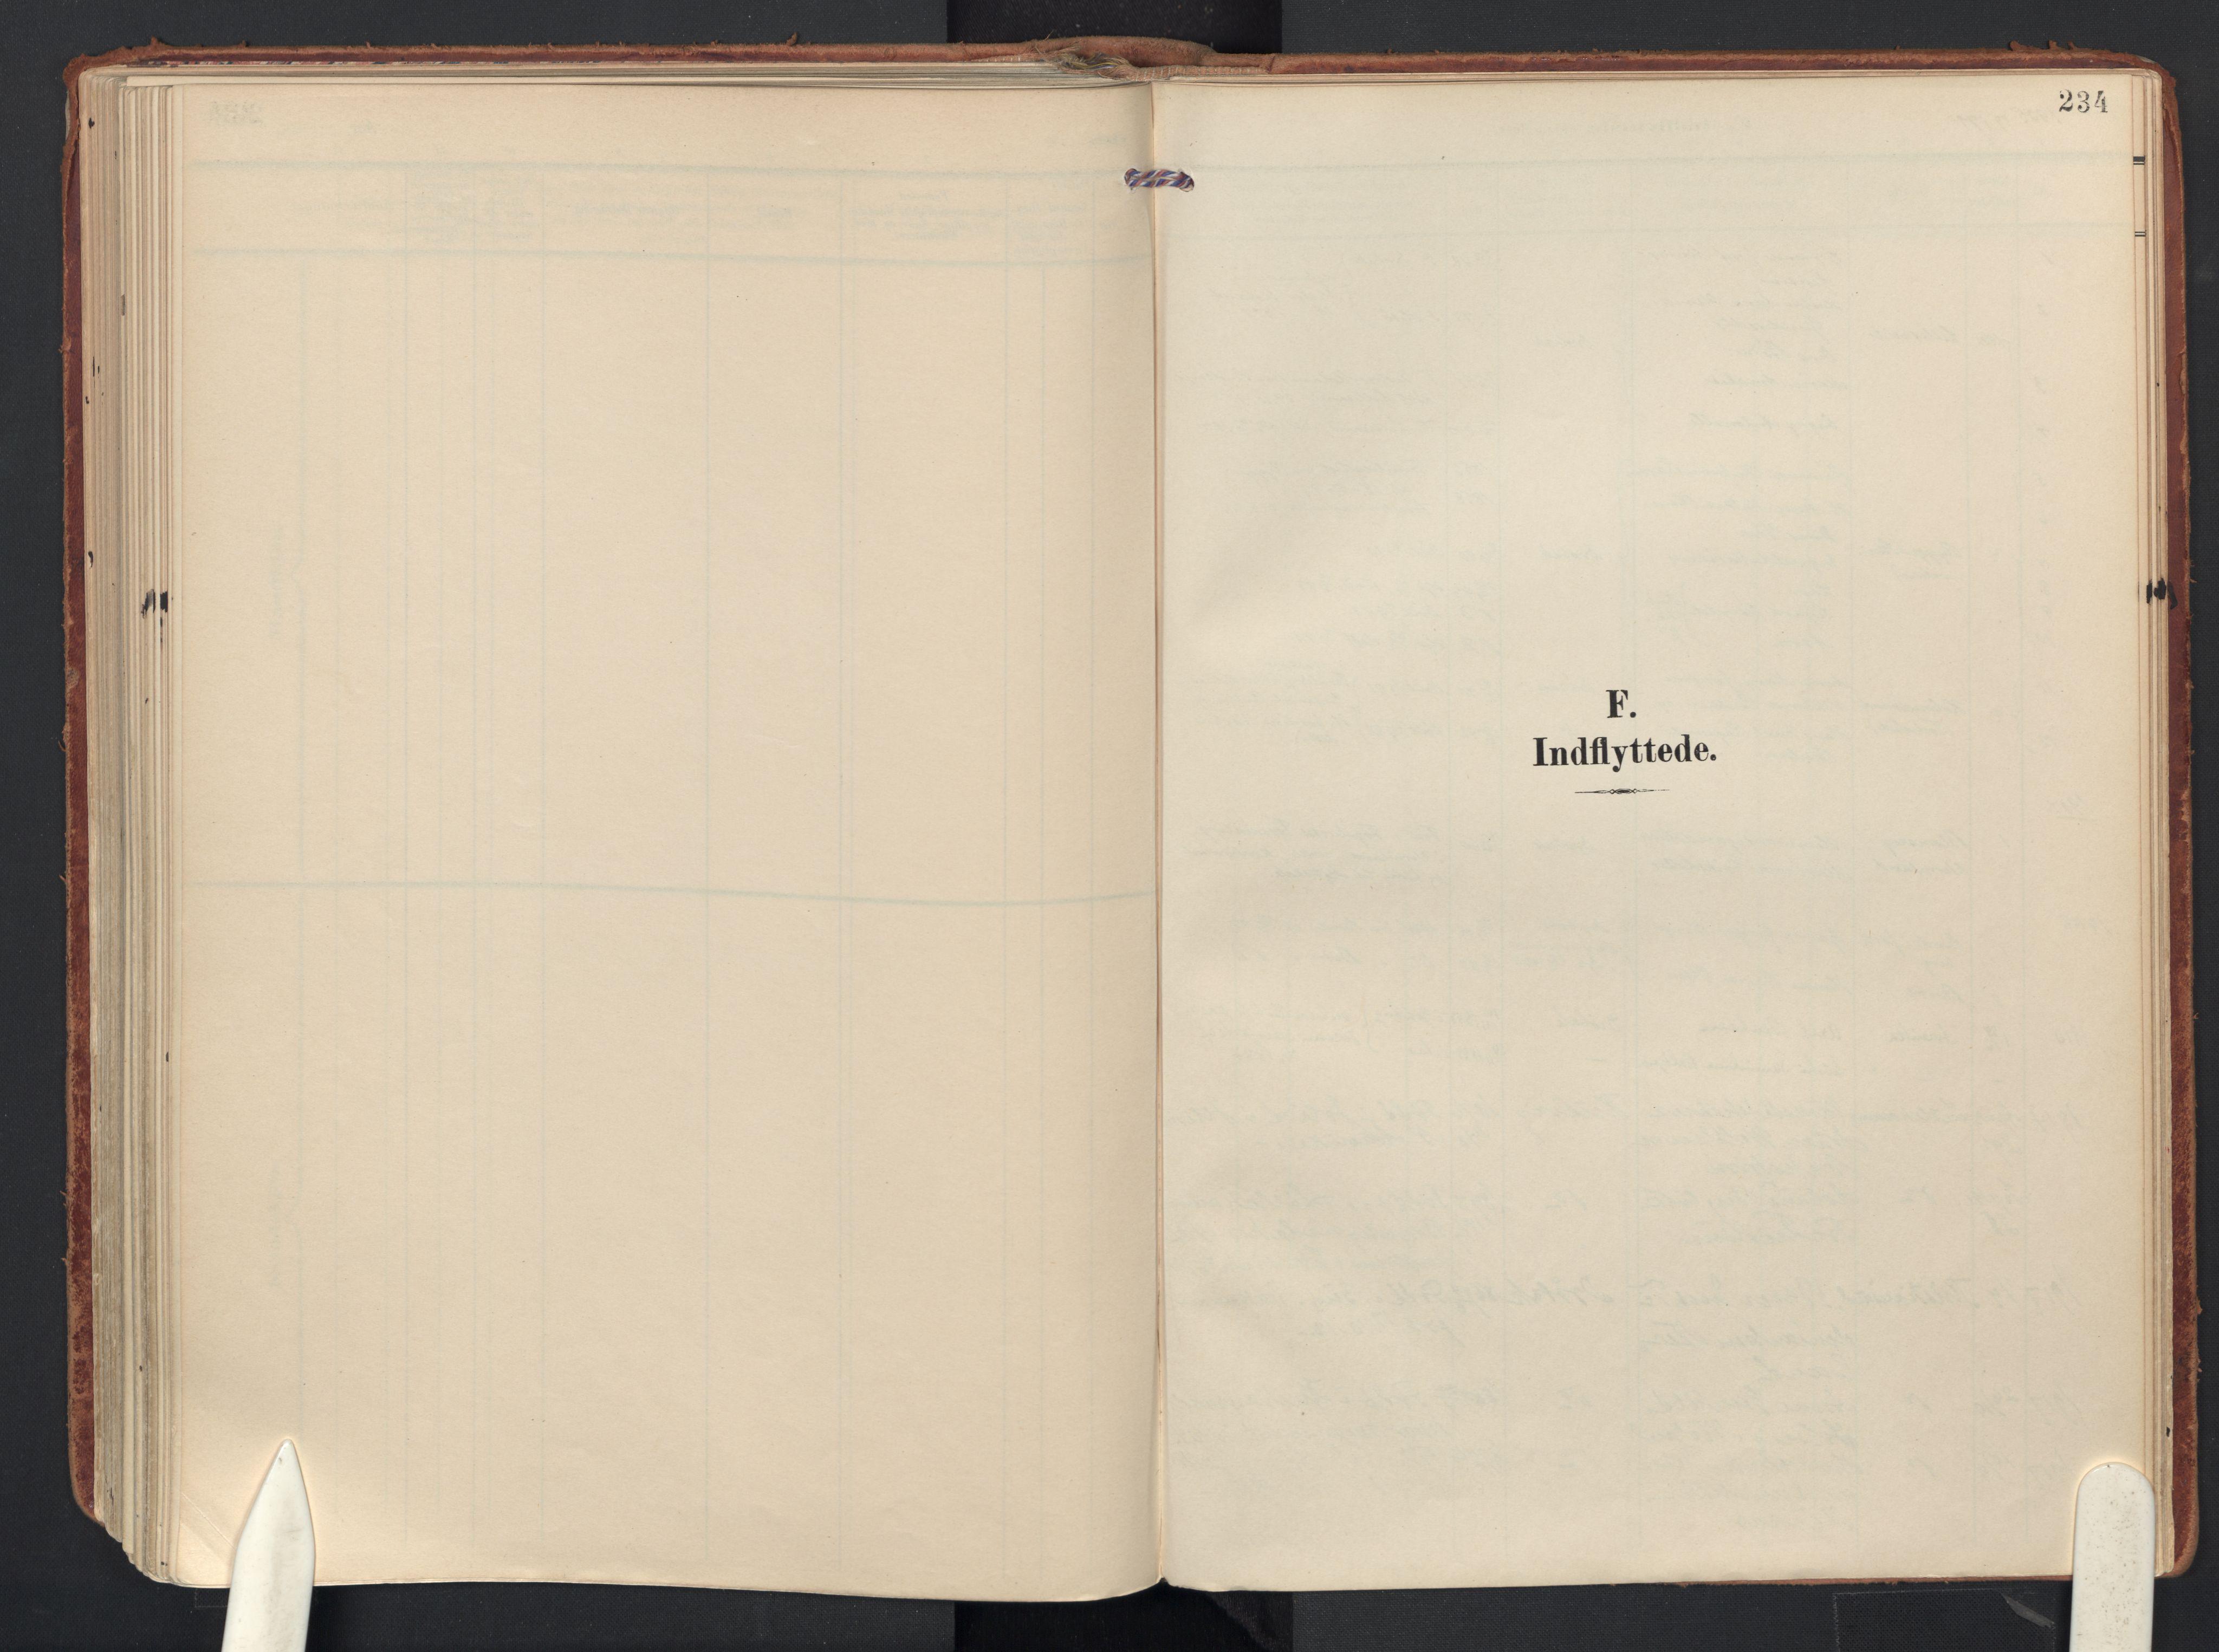 SAO, Drøbak prestekontor Kirkebøker, F/Fb/L0003: Ministerialbok nr. II 3, 1897-1918, s. 234